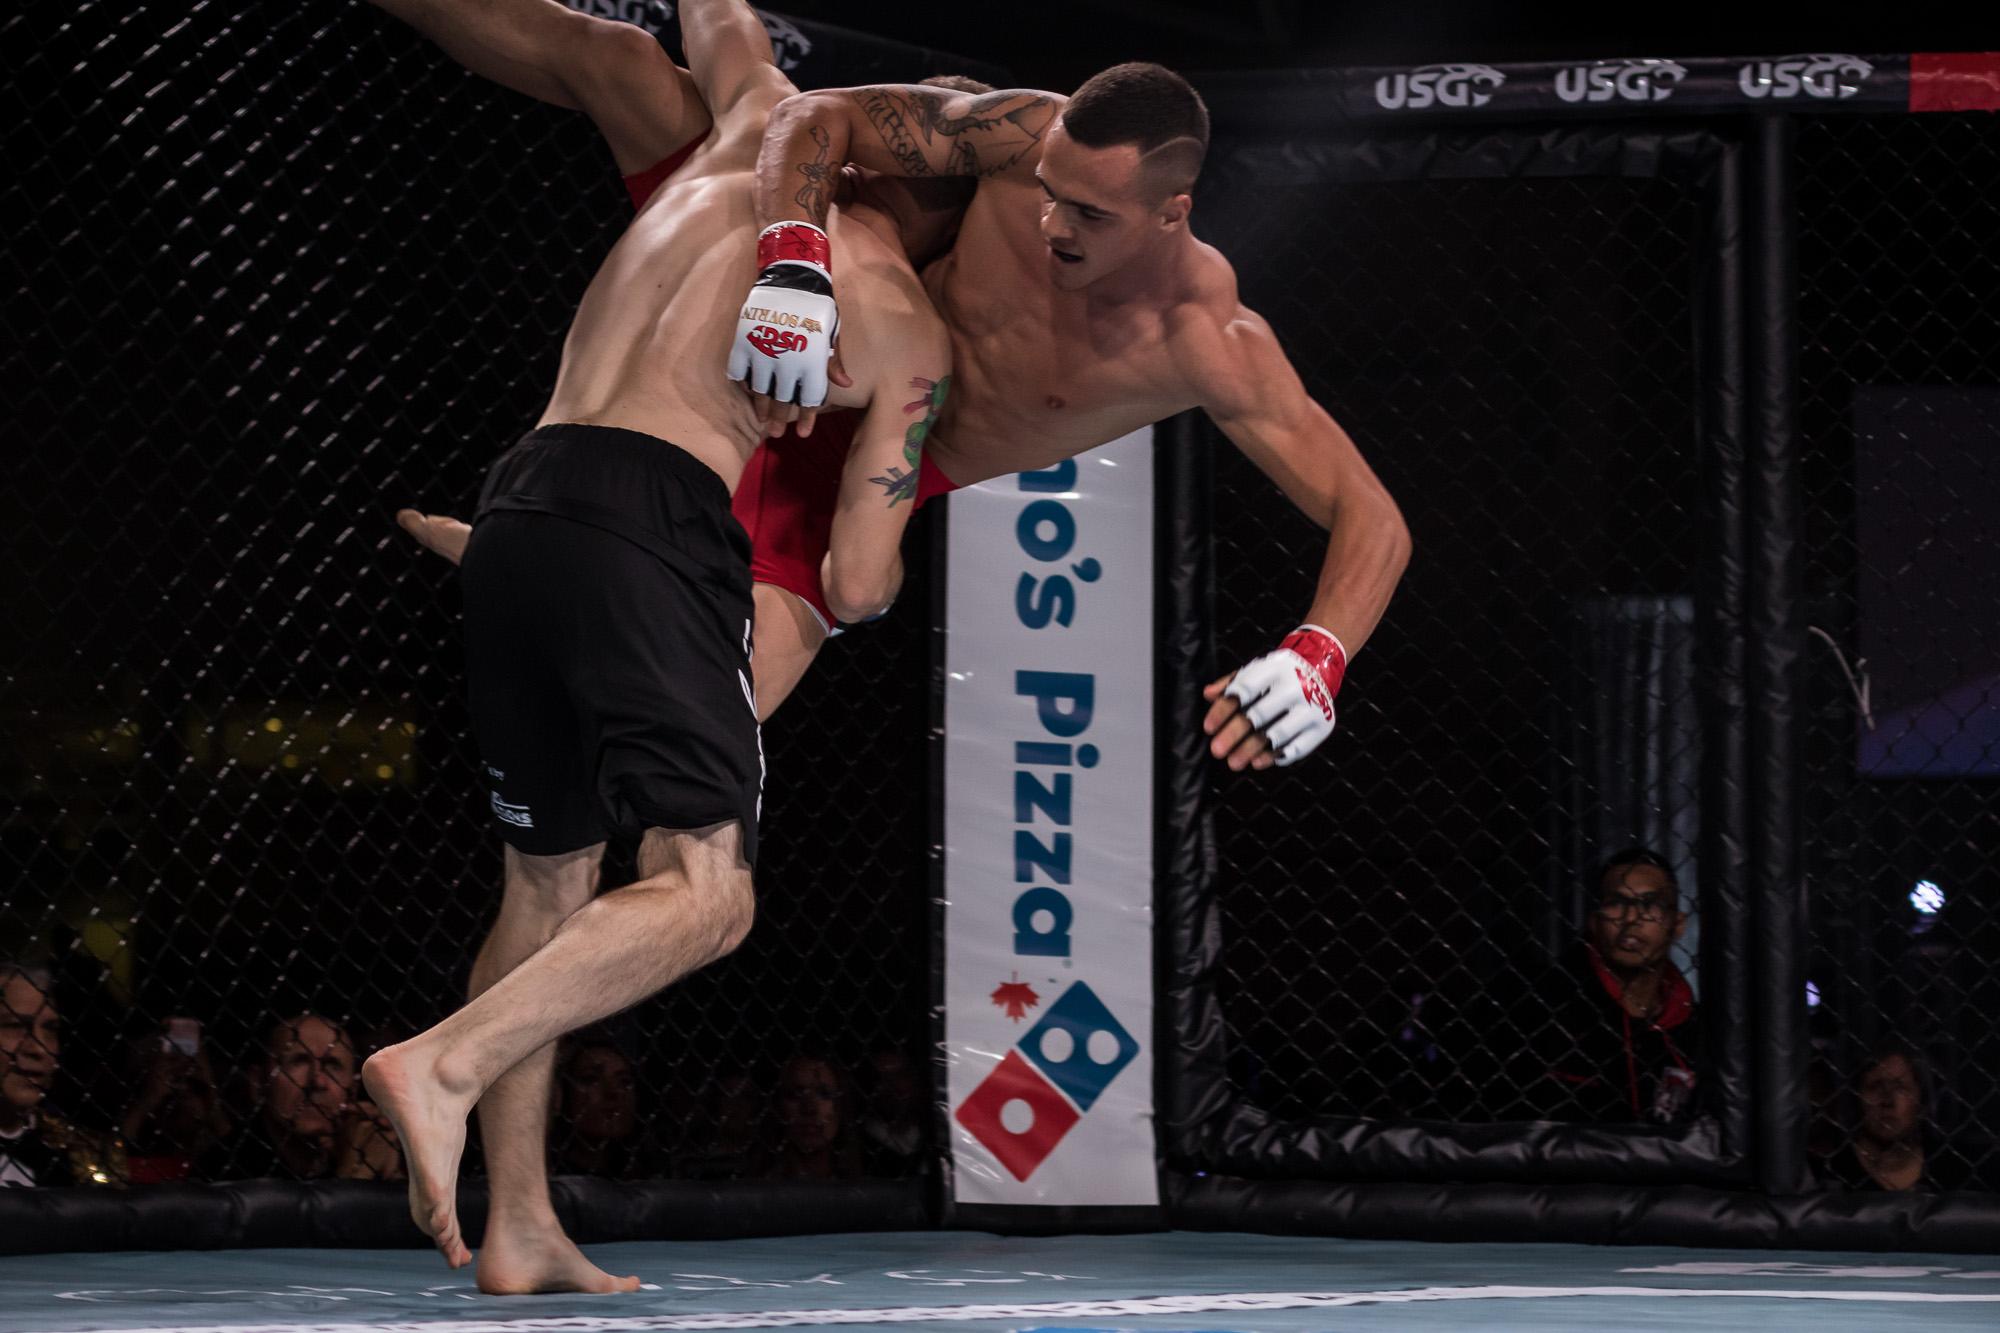 Fight #5 - Nate Ledger vs. Matt Dawson